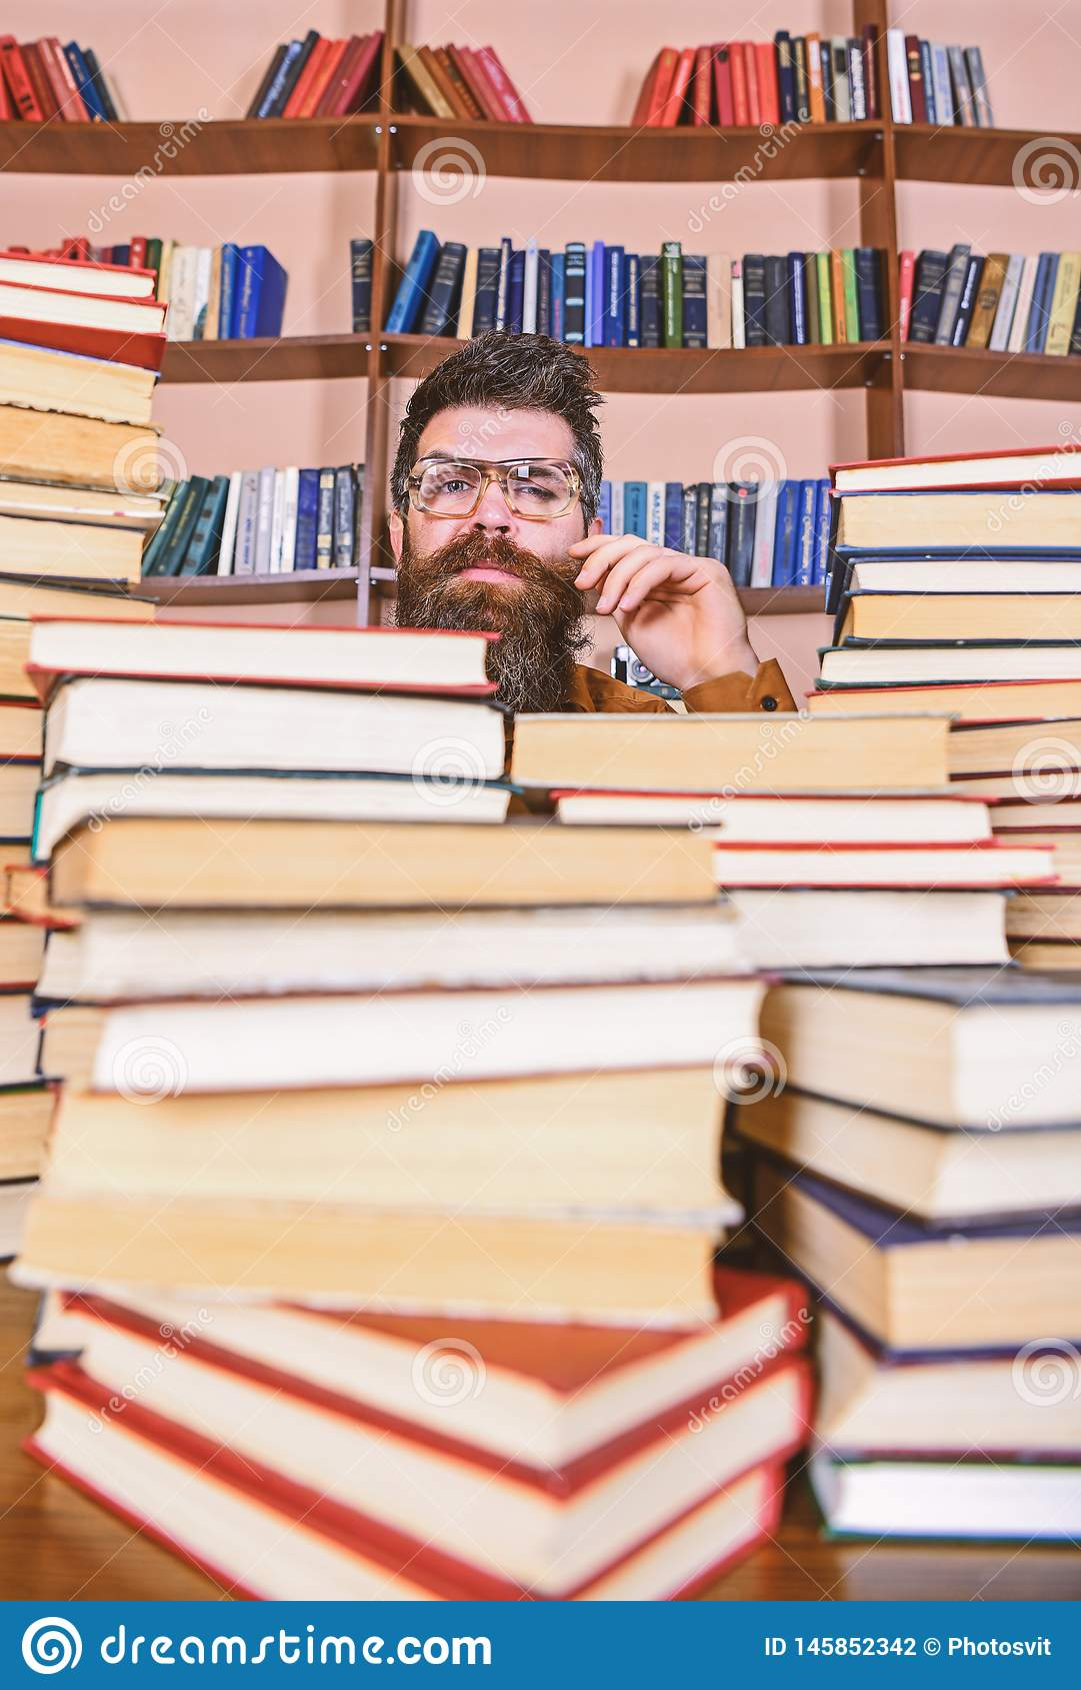 Mens op nadenkend gezicht tussen stapels van boeken in bibliotheek, boekenrekken op achtergrond De leraar of de student met baard